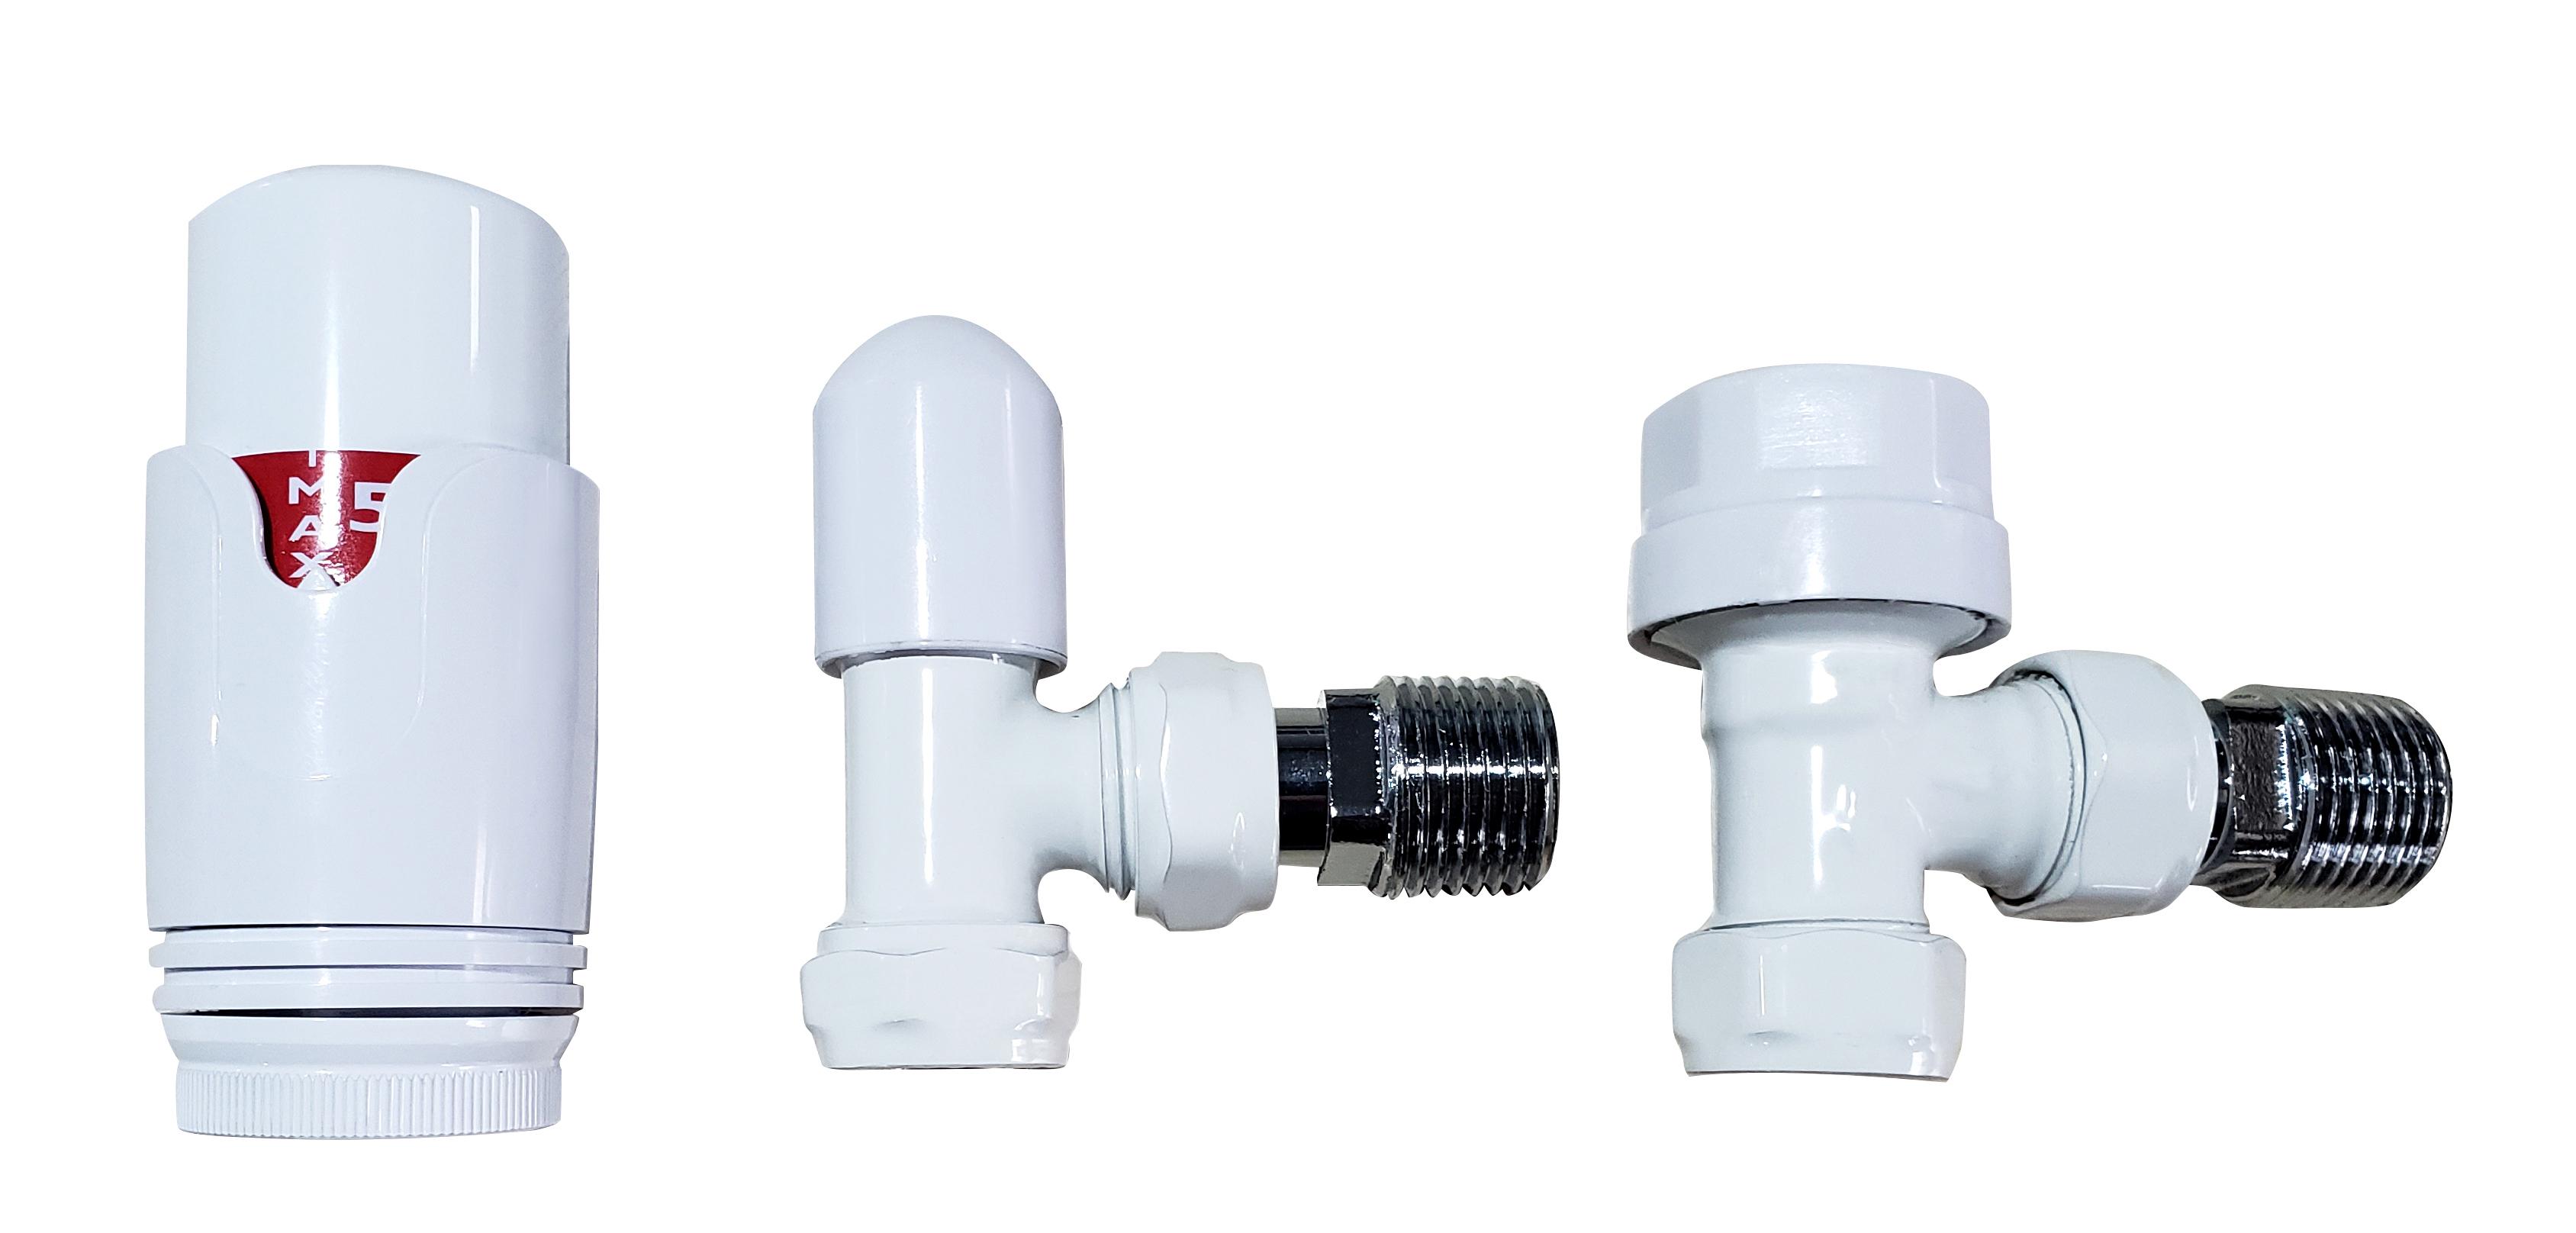 Badheizkörper BH-MAW in 120 x 40 cm (Mittelanschluss, weiß) - alphaBAD